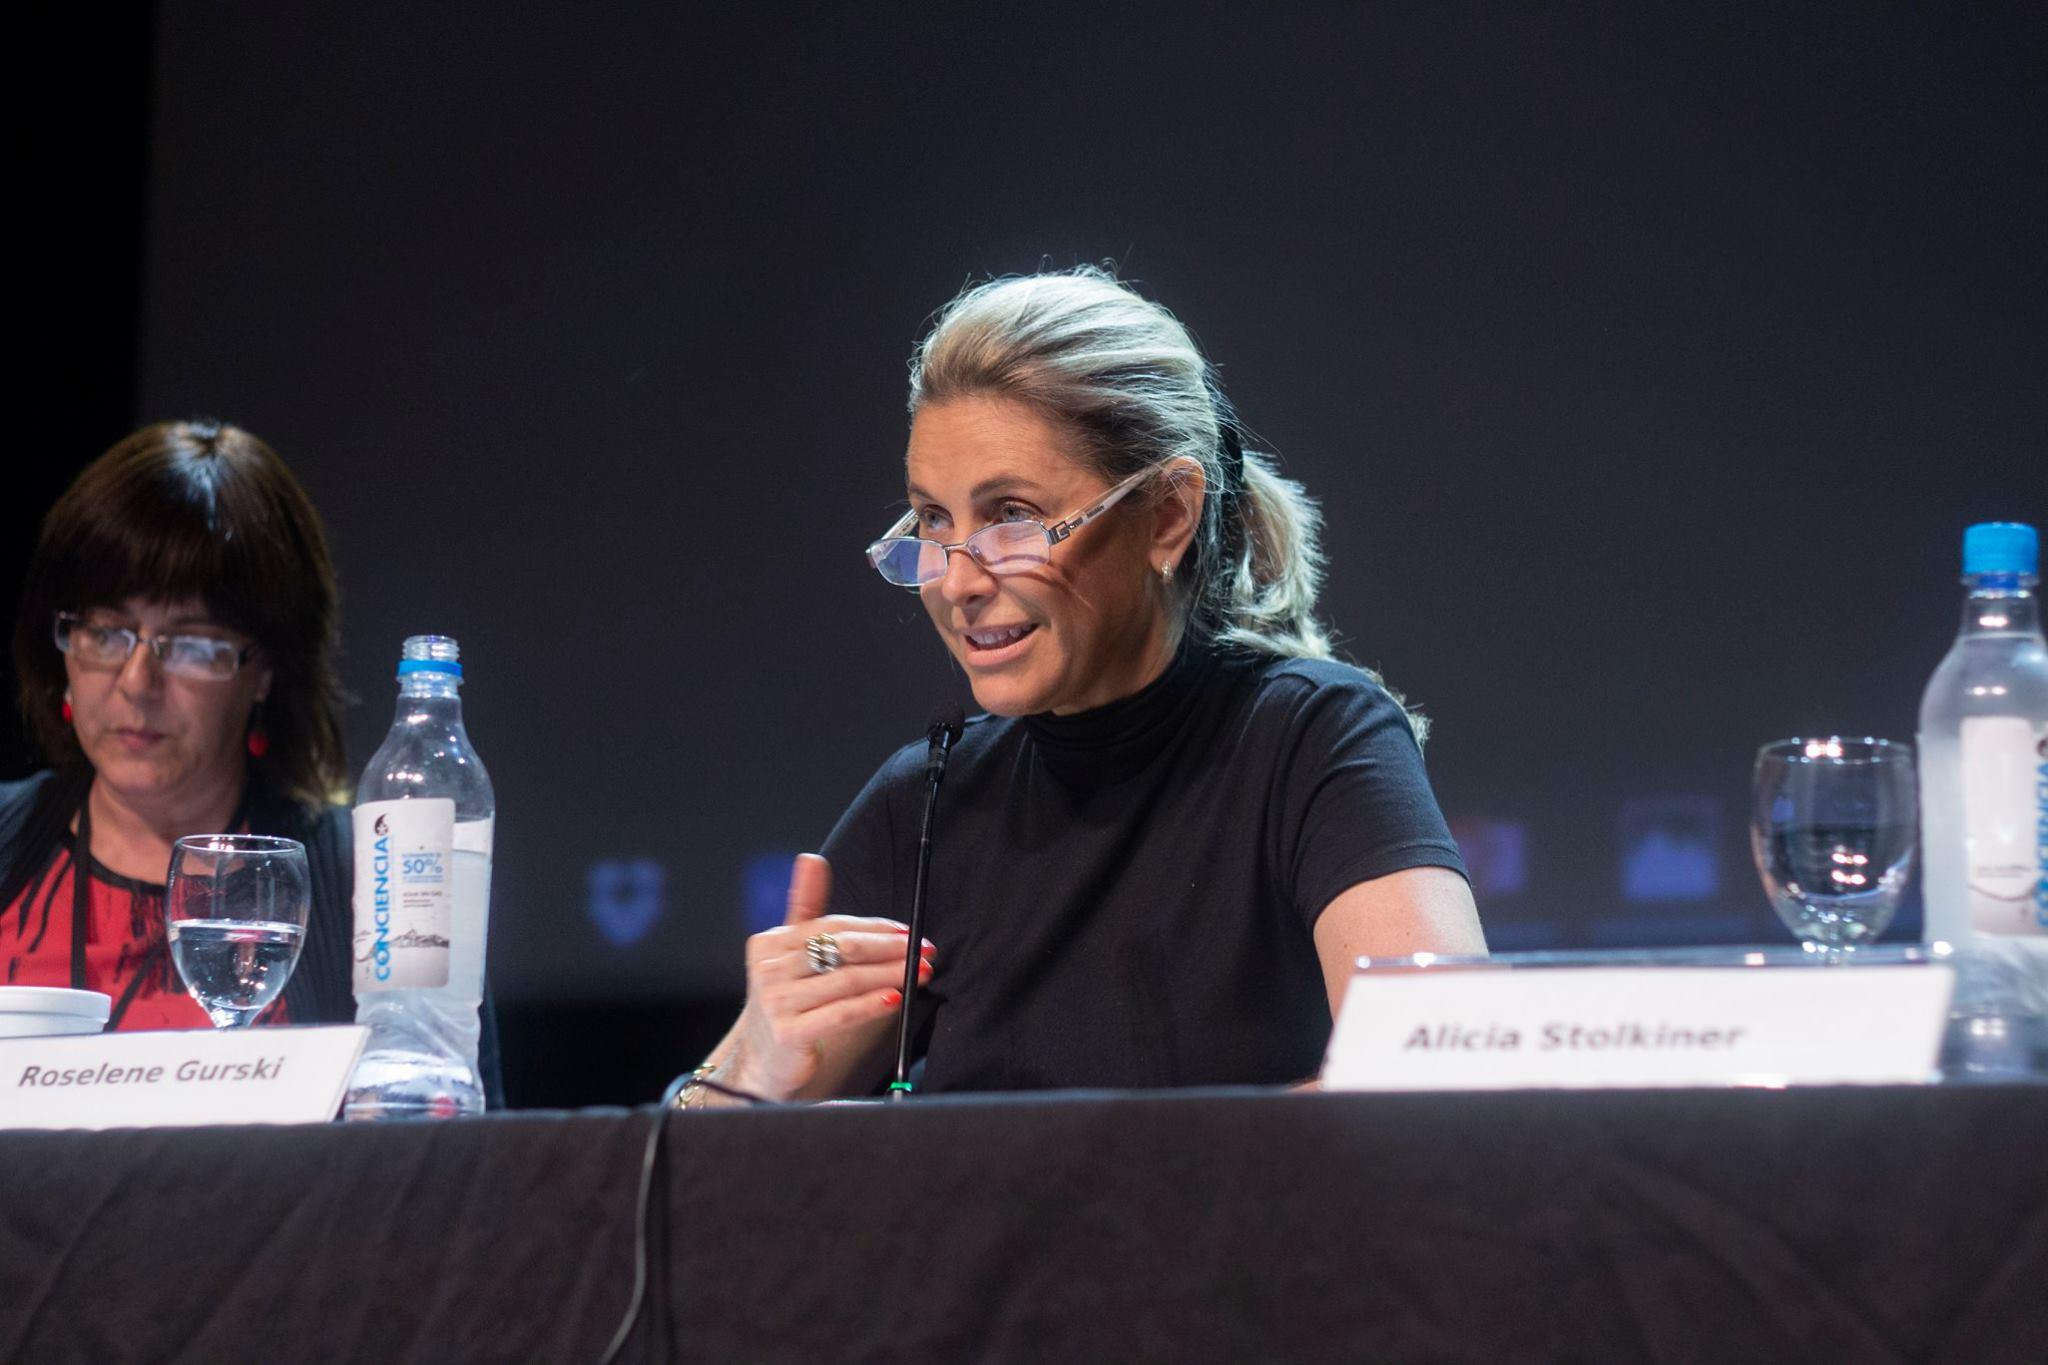 [10:12, 27/12/2018] Tamara Smerling: Rose Gurski en el IV Coloquio / VI Simposio RESISTIDAS Y DESAFIADAS Las prácticas en instituciones entre demandas, legalidades y discursos que se realizó el 12, 13 y 14 de Noviembre de 2018 en FLACSO. [10:13, 27/12/2018] Tamara Smerling: organizado por el Programa de Psicoanálisis y prácticas socioeducativas del Área Educación de la FLACSO Argentina y la Red Internacional Interuniversitaria INFEIES (Infancia e Instituciones).